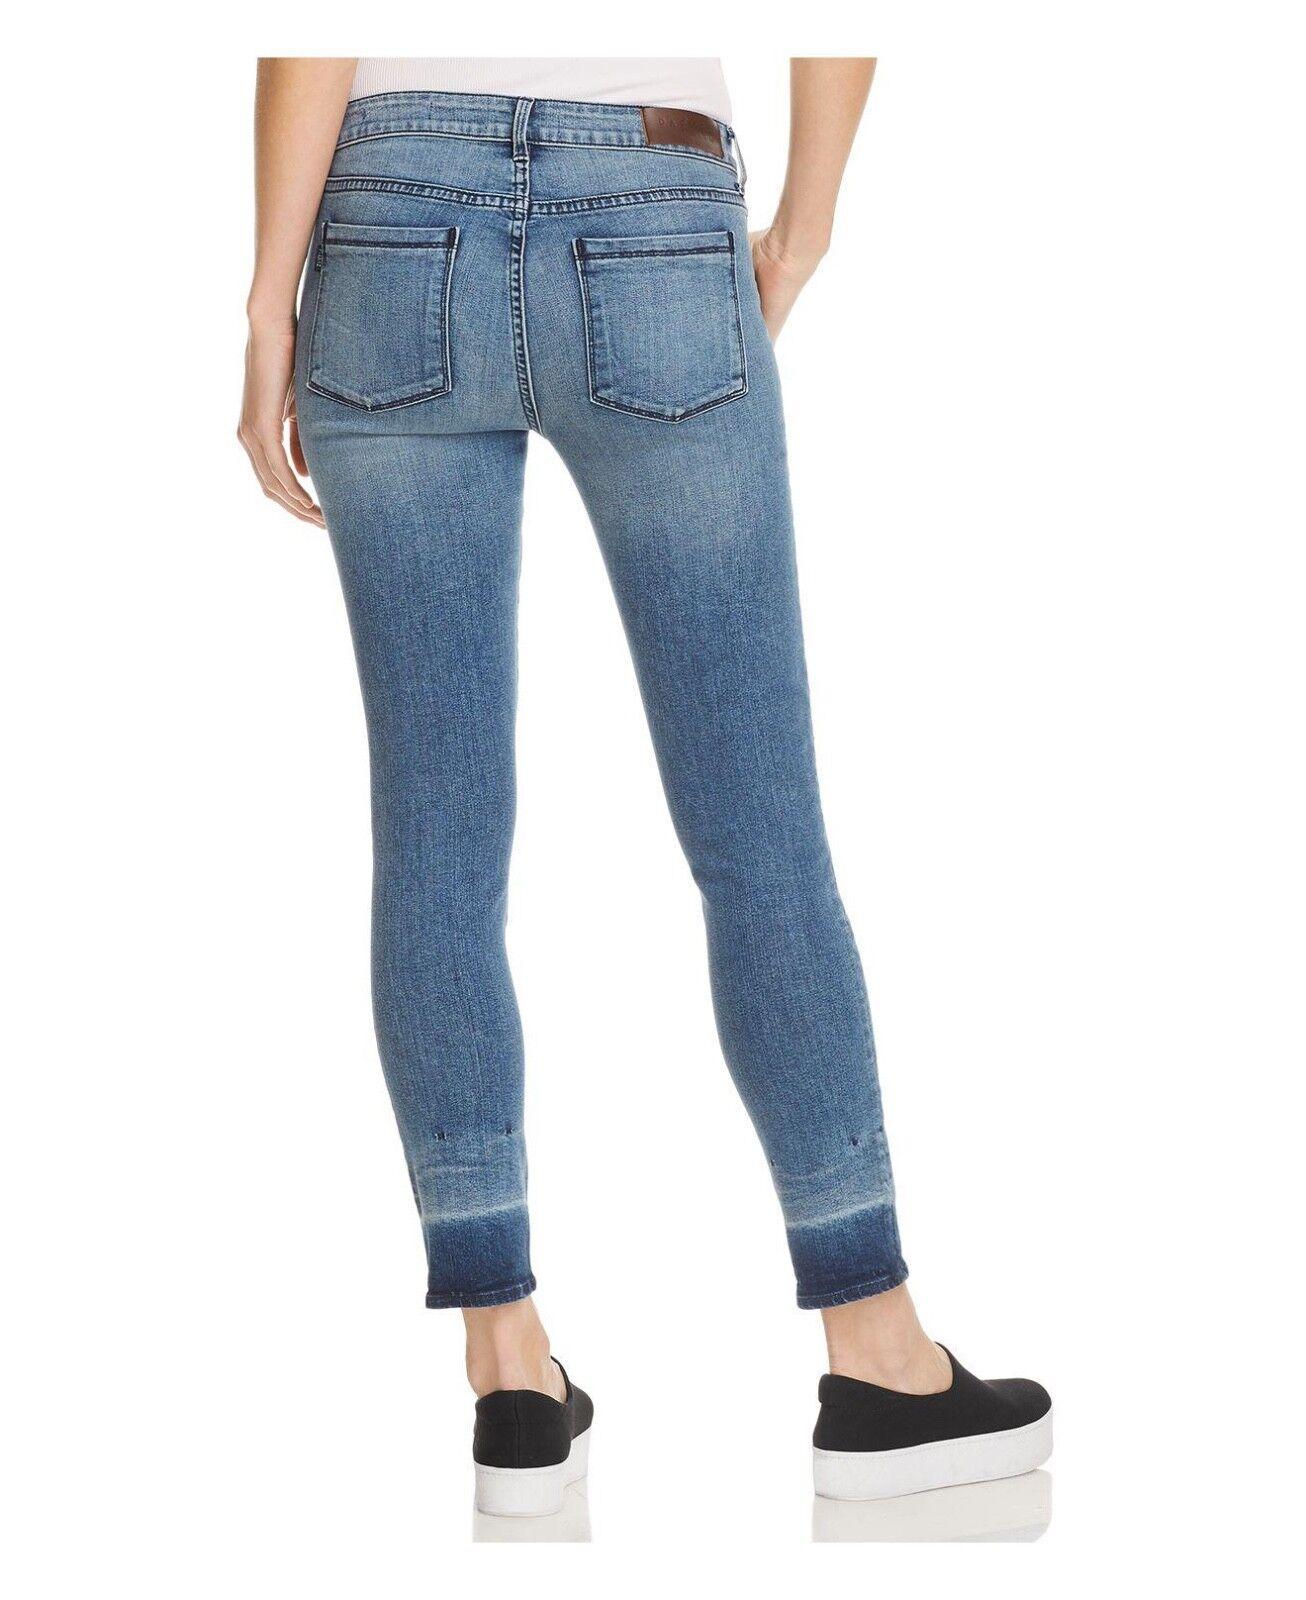 NEU DAMEN Parker Smith Jeans mit Kam Ausschnitt Skinny in Koralle Größe 4=27